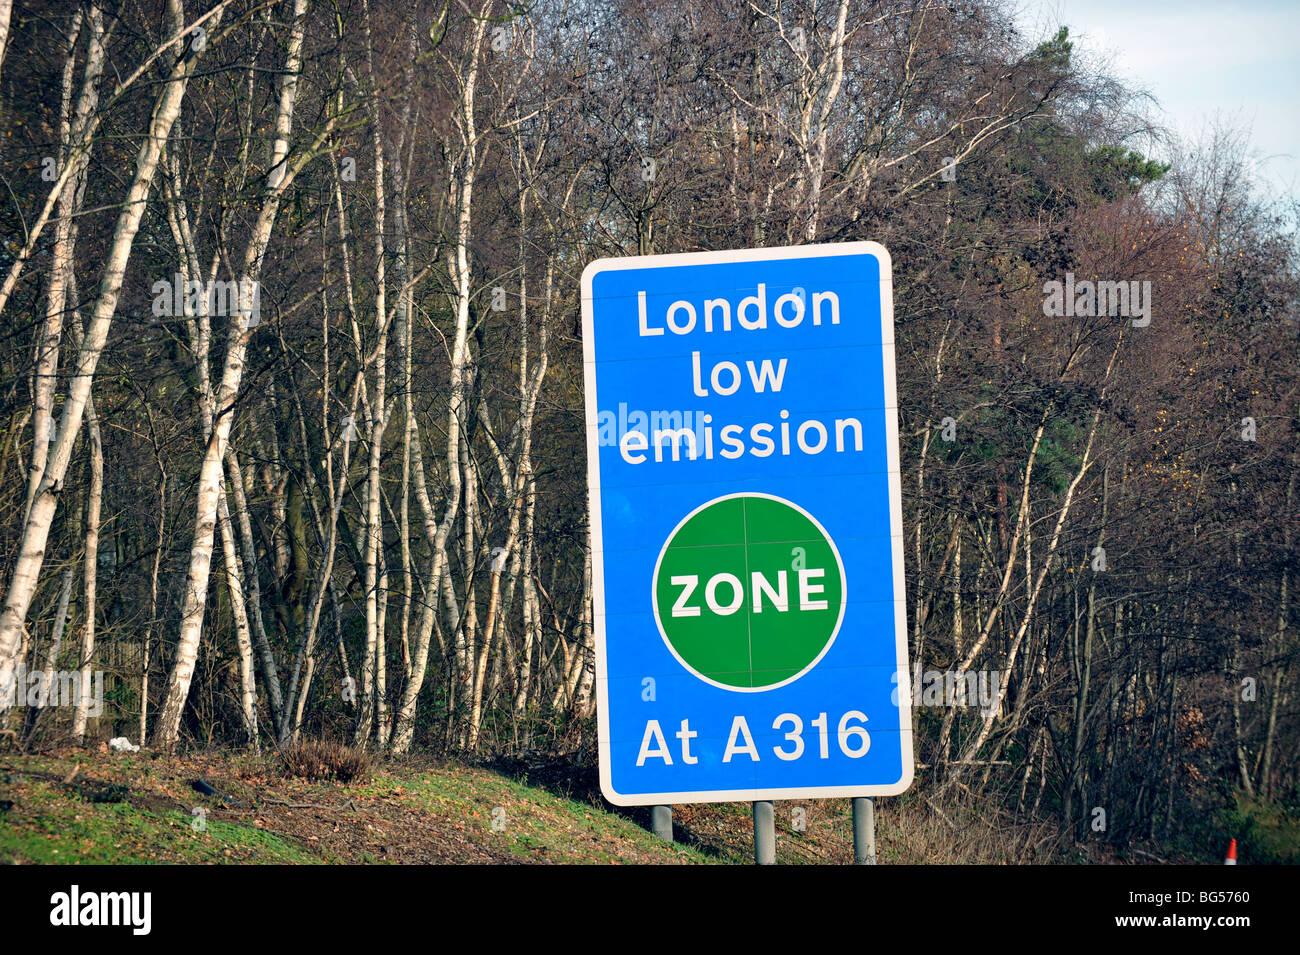 London Low emission zone motorway warning sighn - Stock Image